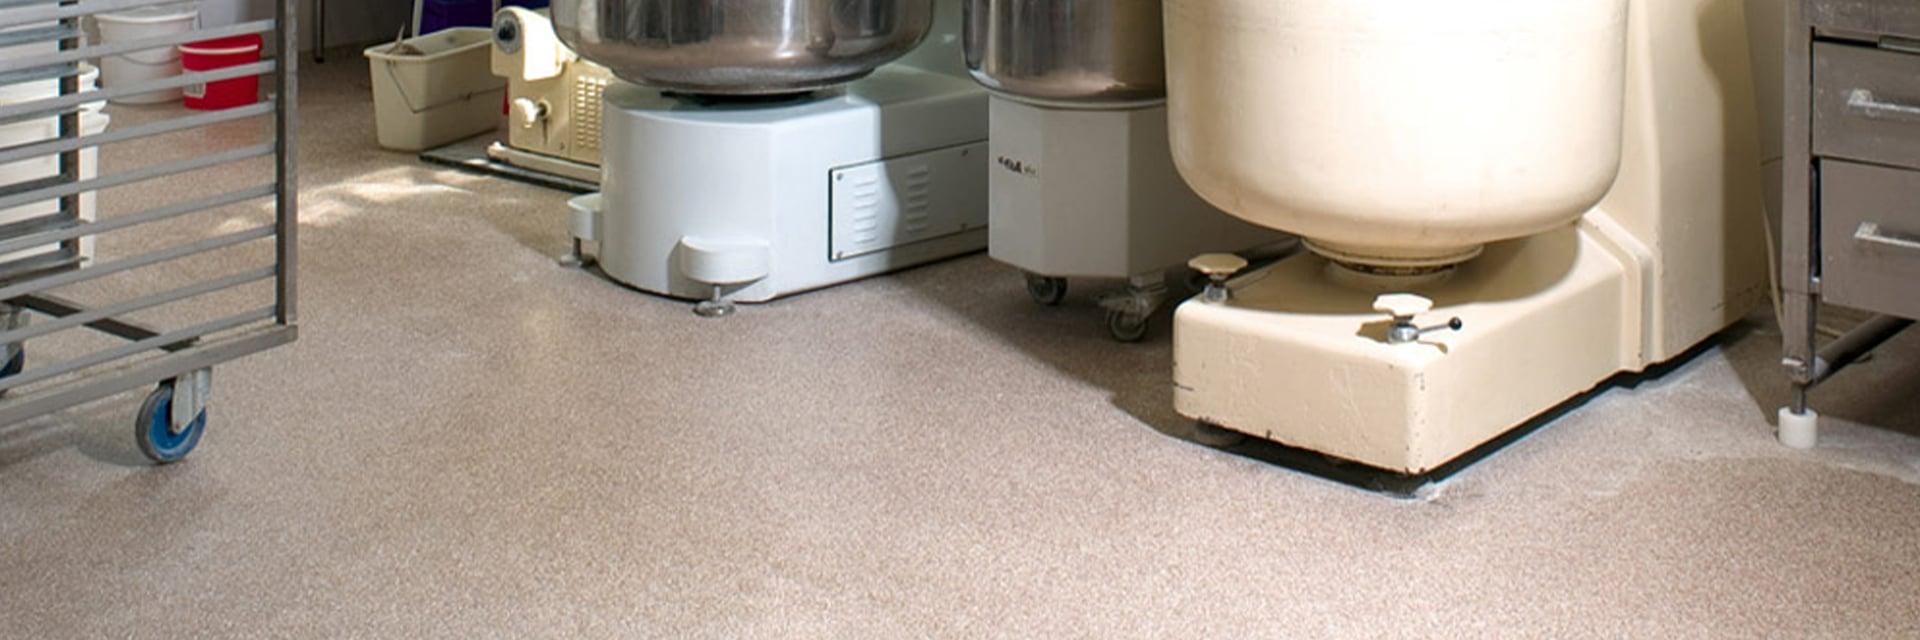 De troffelvloer als HACCP vloer